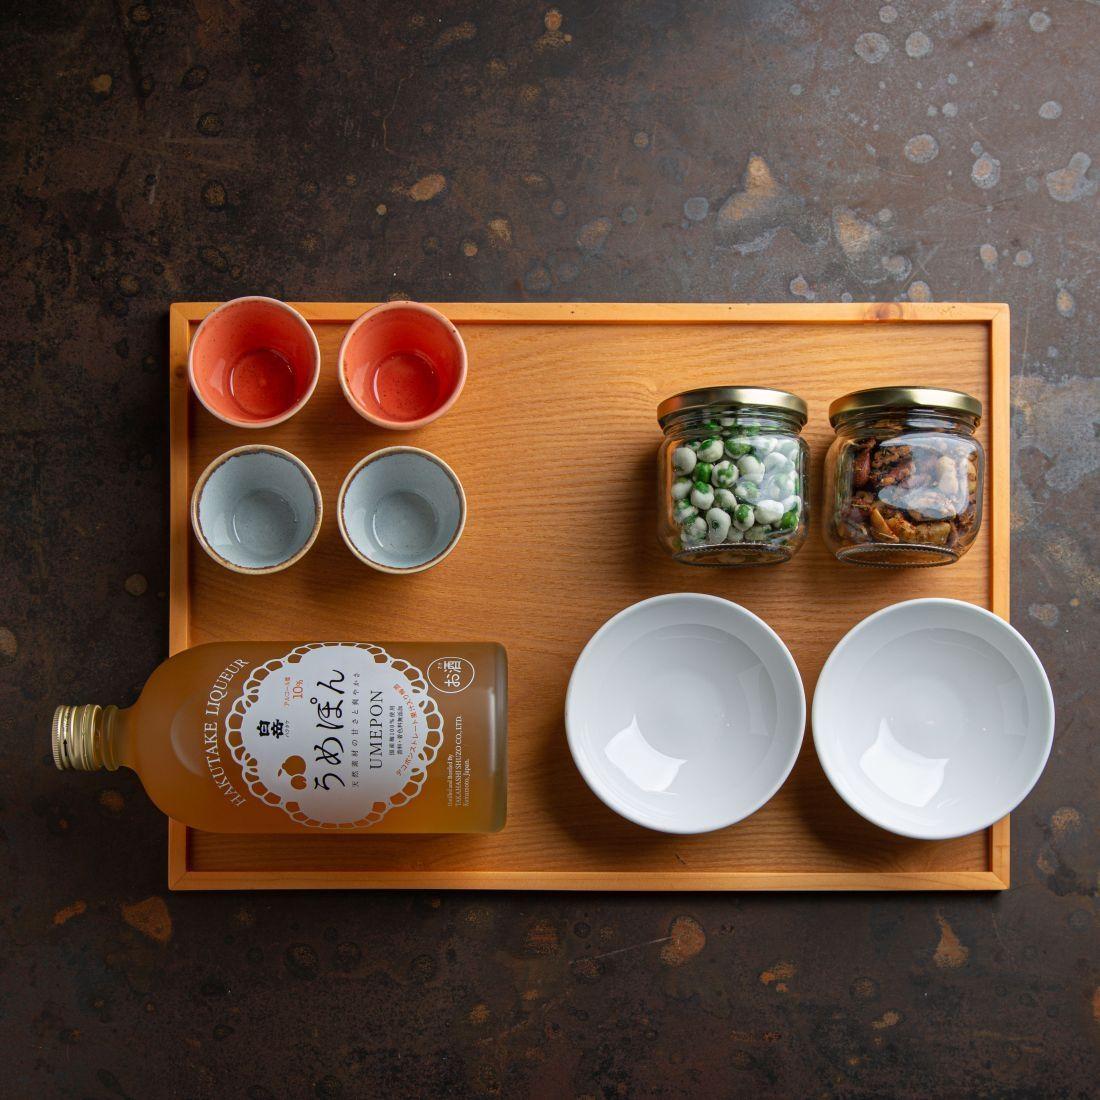 מארז דיסקו טוקיו - ליקר שזיפים יפני, 4 כוסות סאקה מקרמיקה, 2 קעריות זכוכית, אפונת וואסבי ואגוזי פולק לנשנוש.